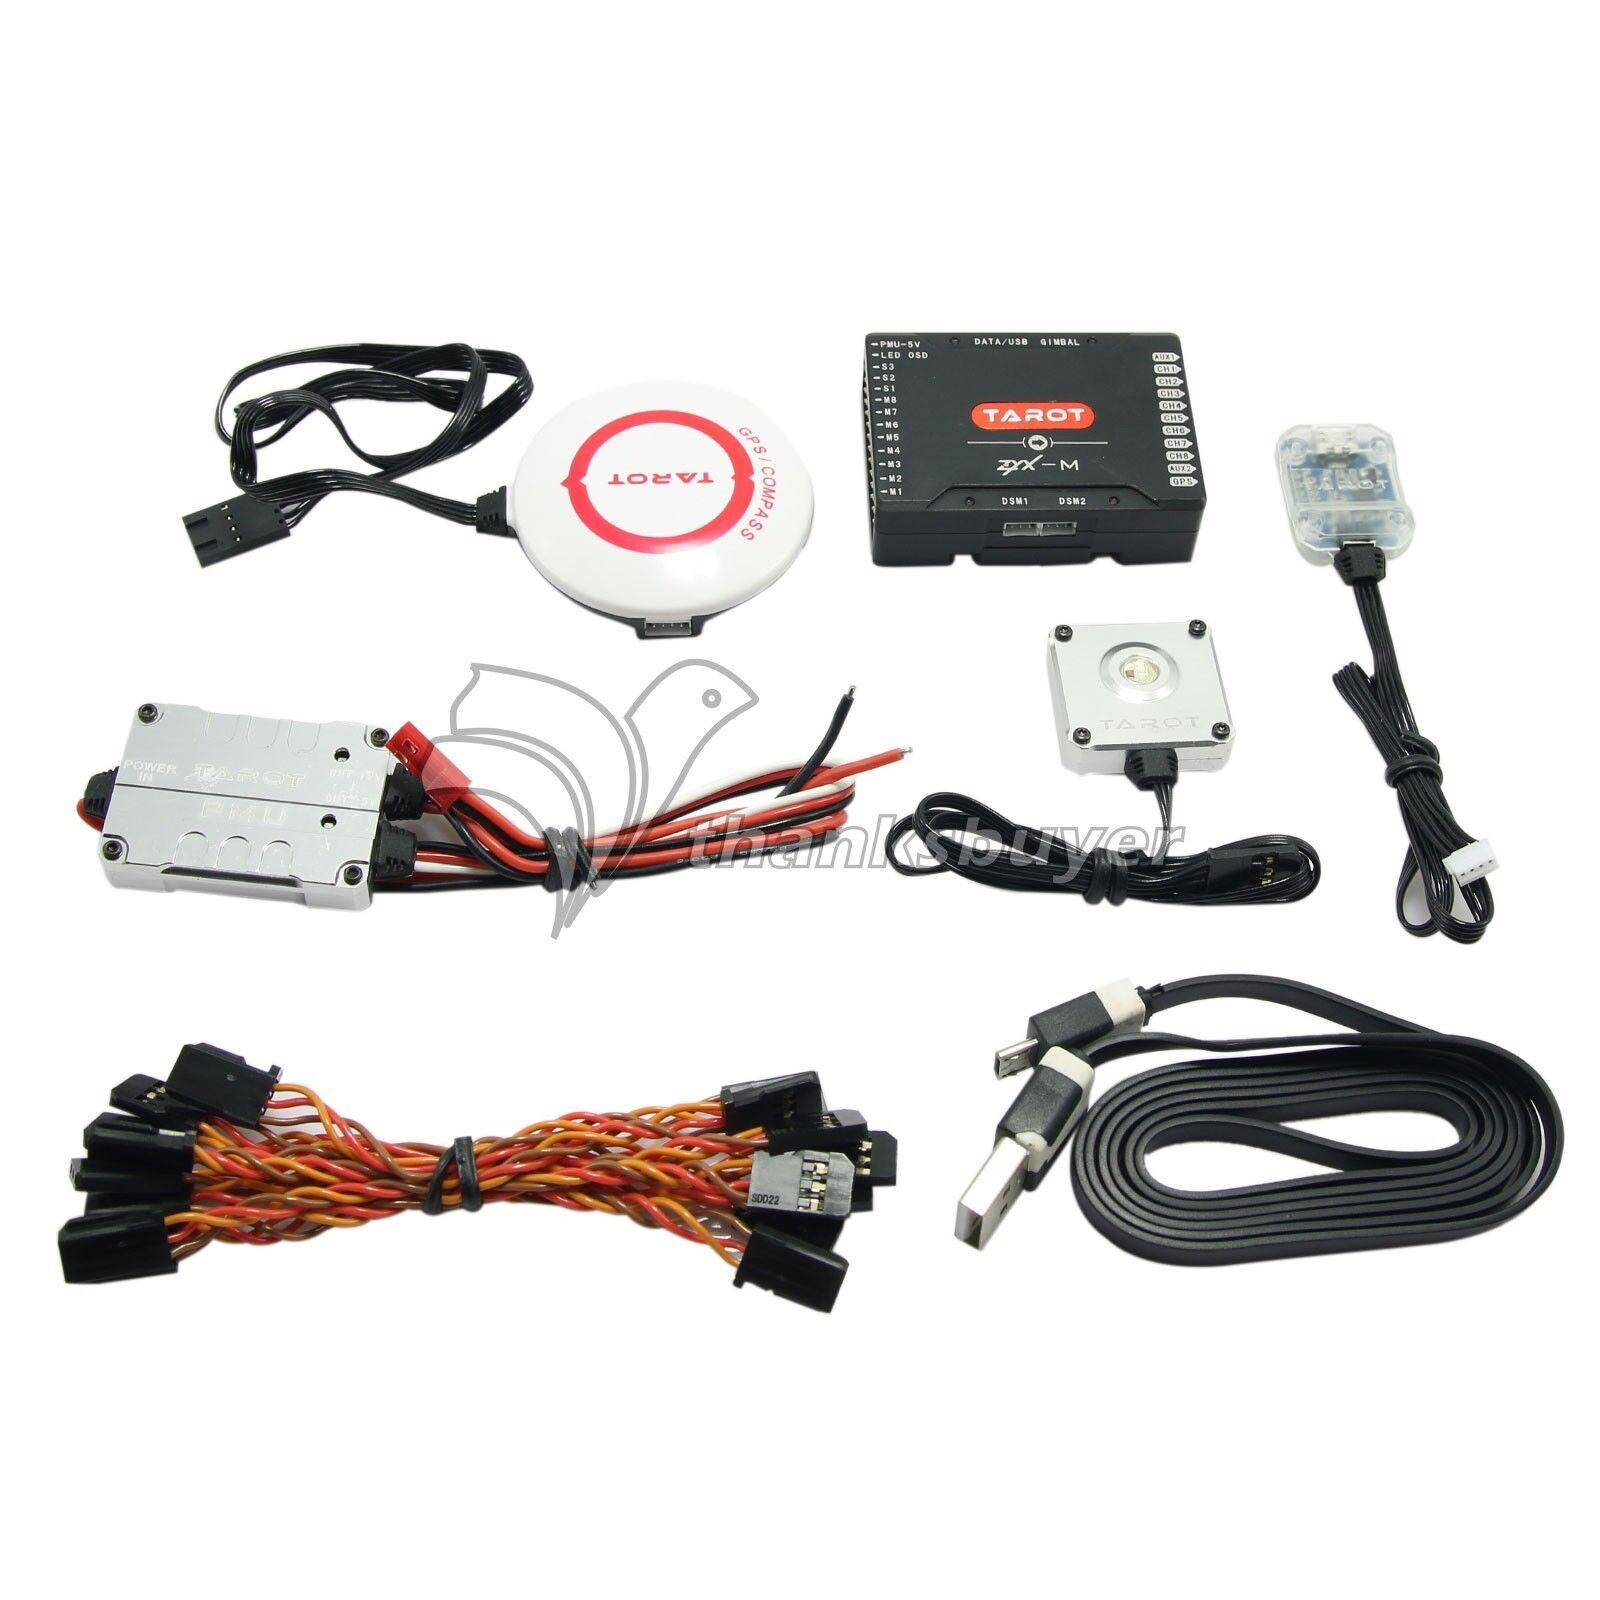 Tarot ZYX-Combo GPS de control de vuelo M PMU Módulo para vista en primera persona Radio Control multirrotor ZYX25